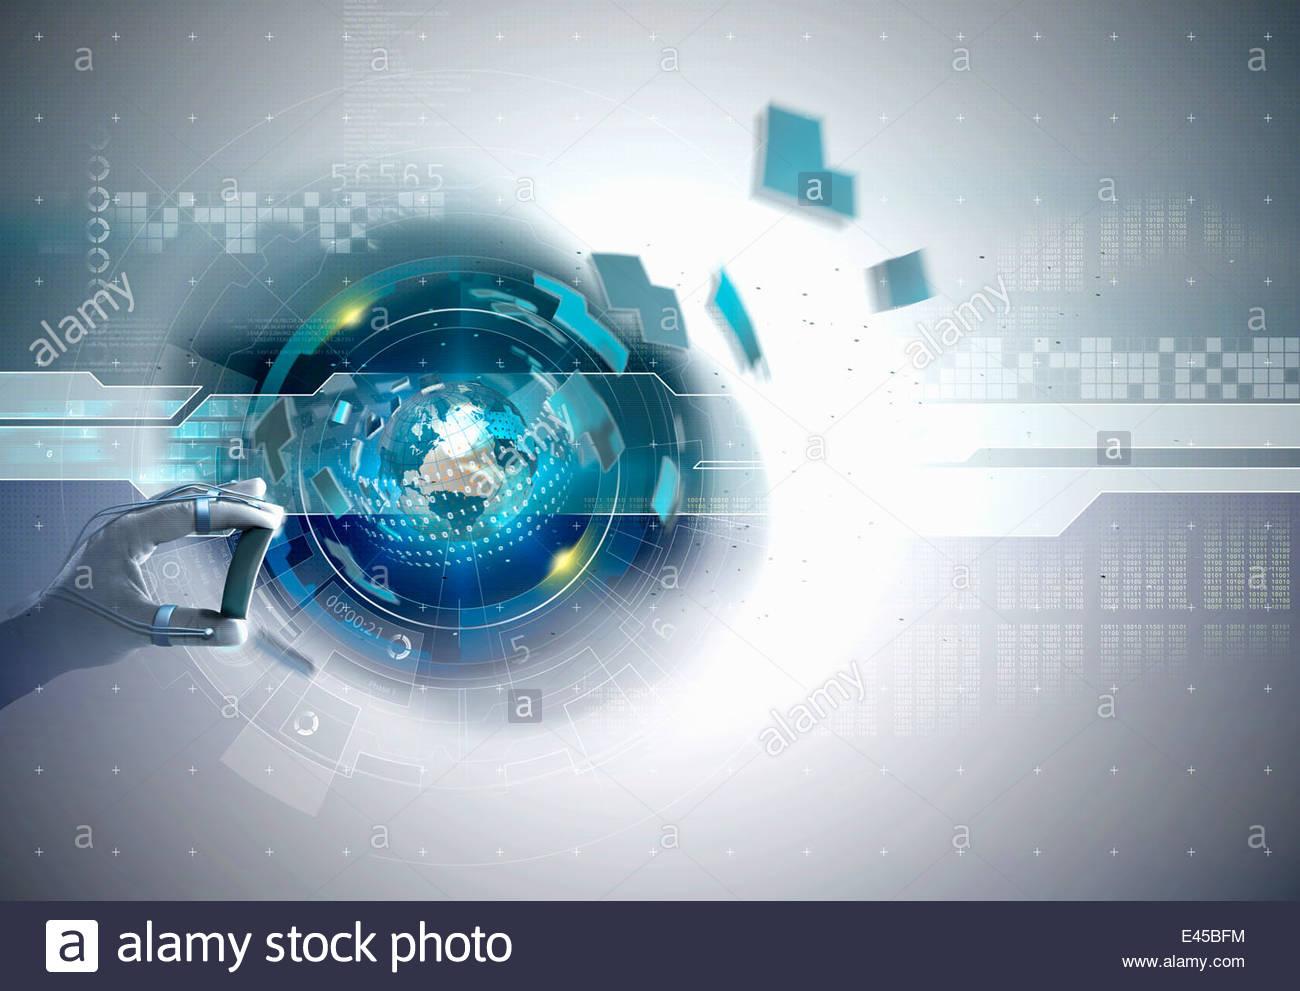 Colocación de la pieza de mano de alta tecnología al ciberespacio globo con código binario Imagen De Stock